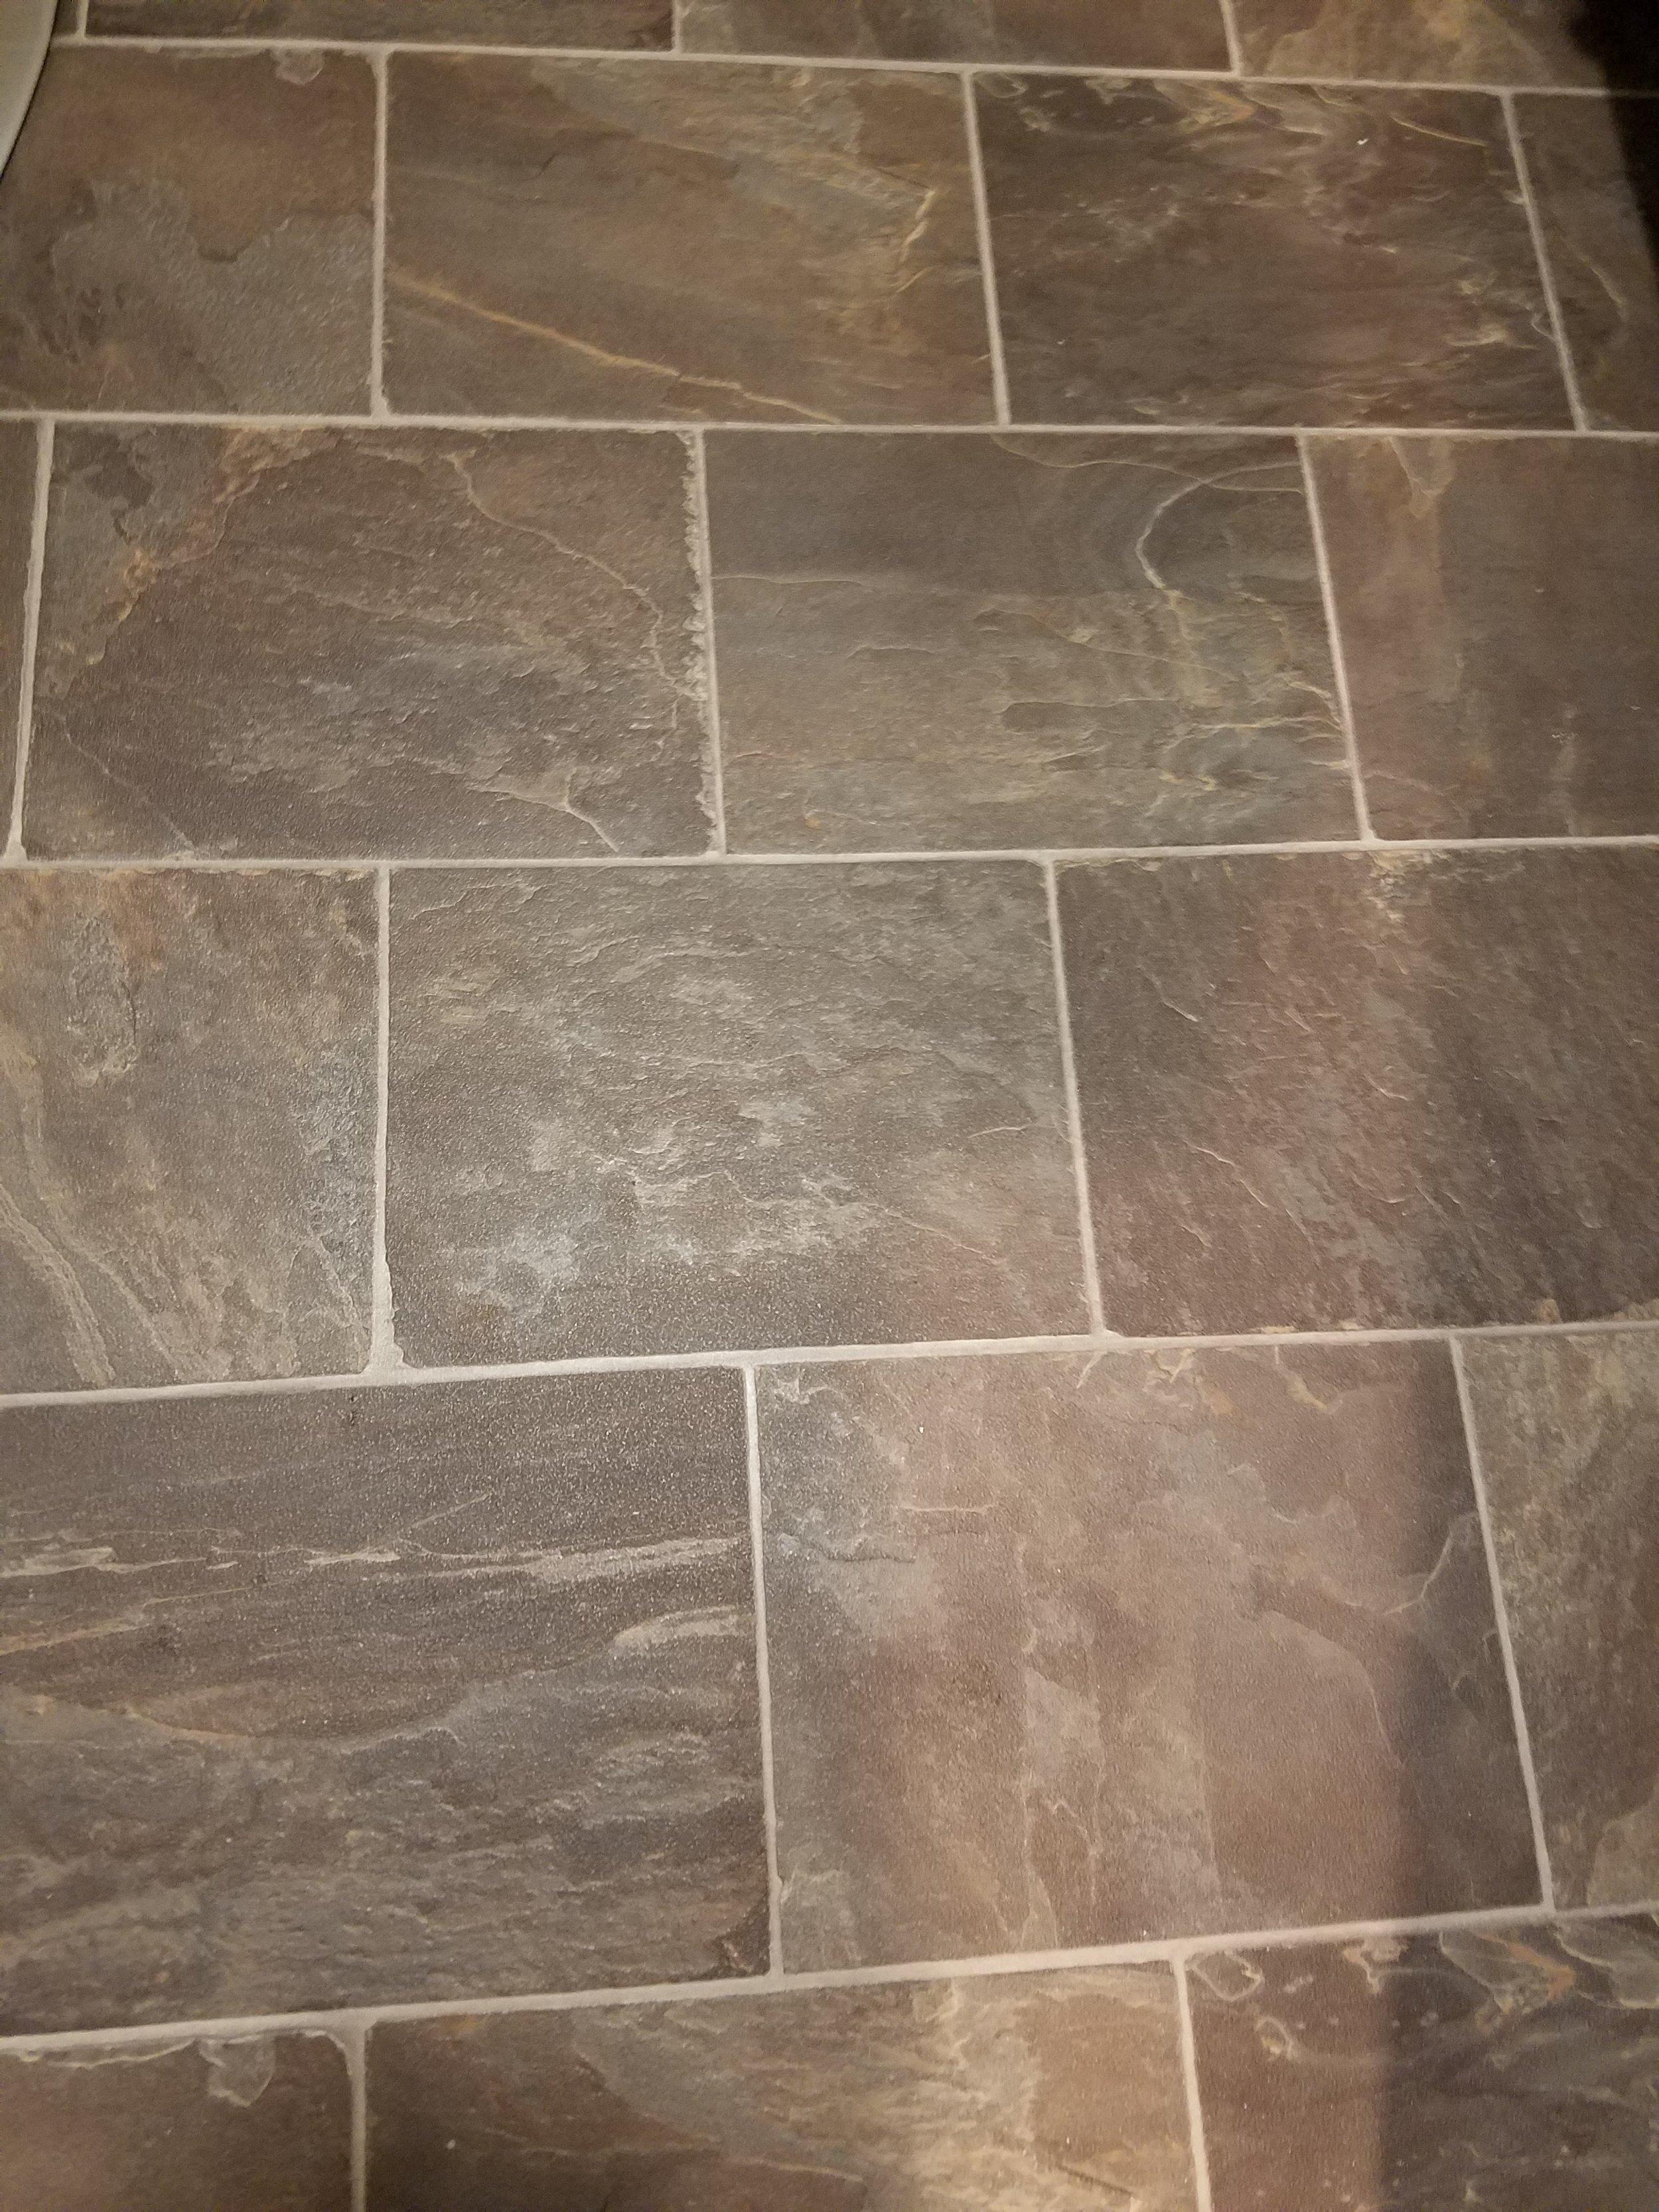 Vinyl flooring installed in a powder room